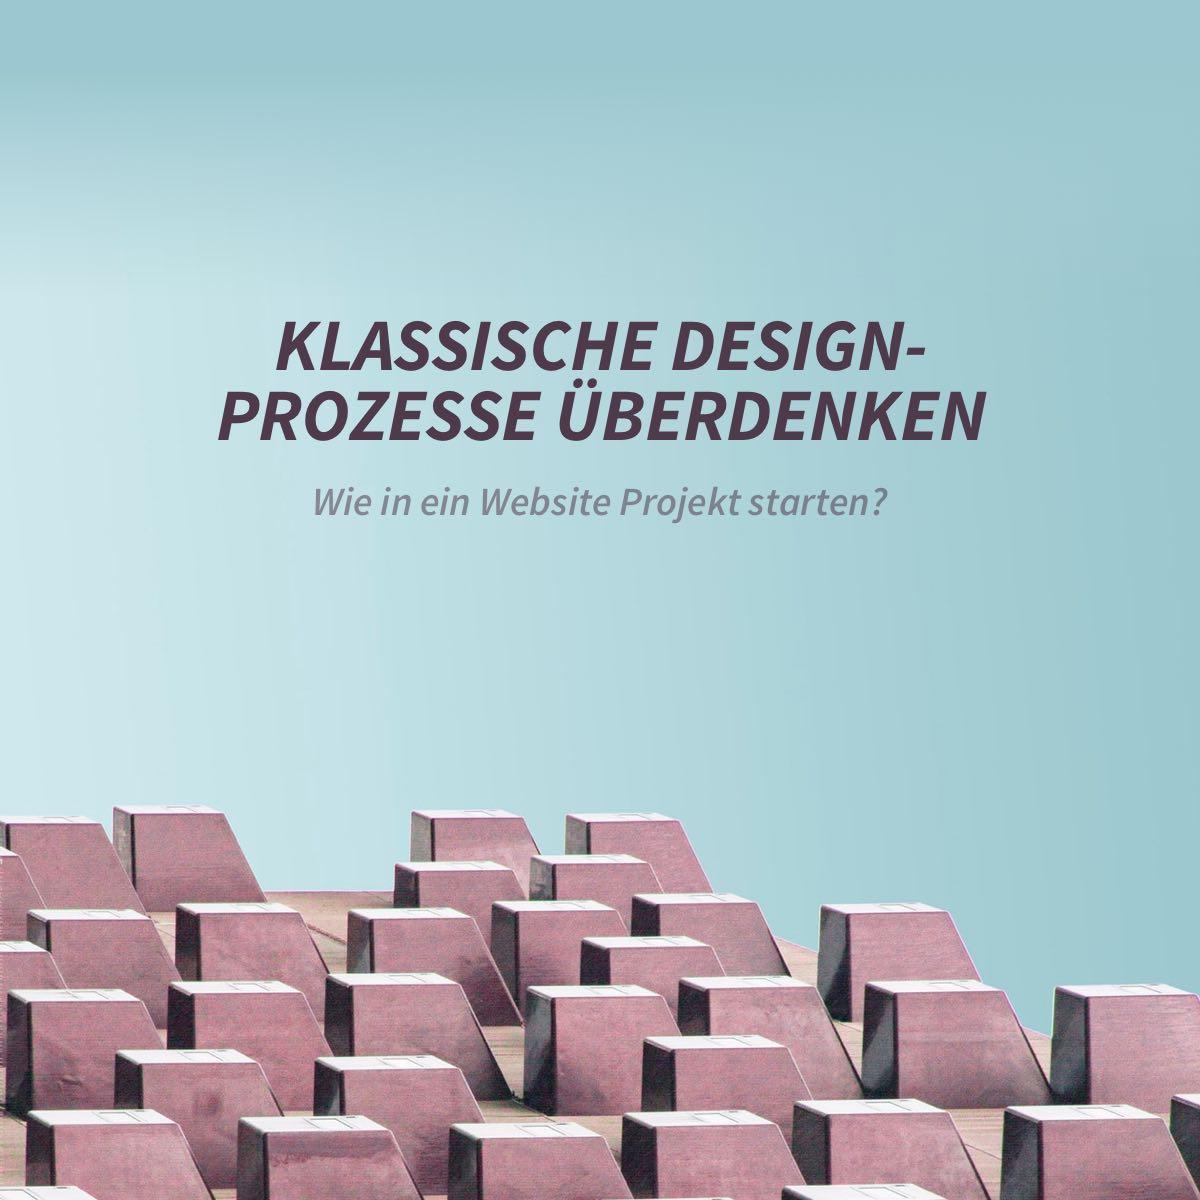 Wie in ein Webdesign Projekt starten? Klassische Design-Prozesse überdenken.